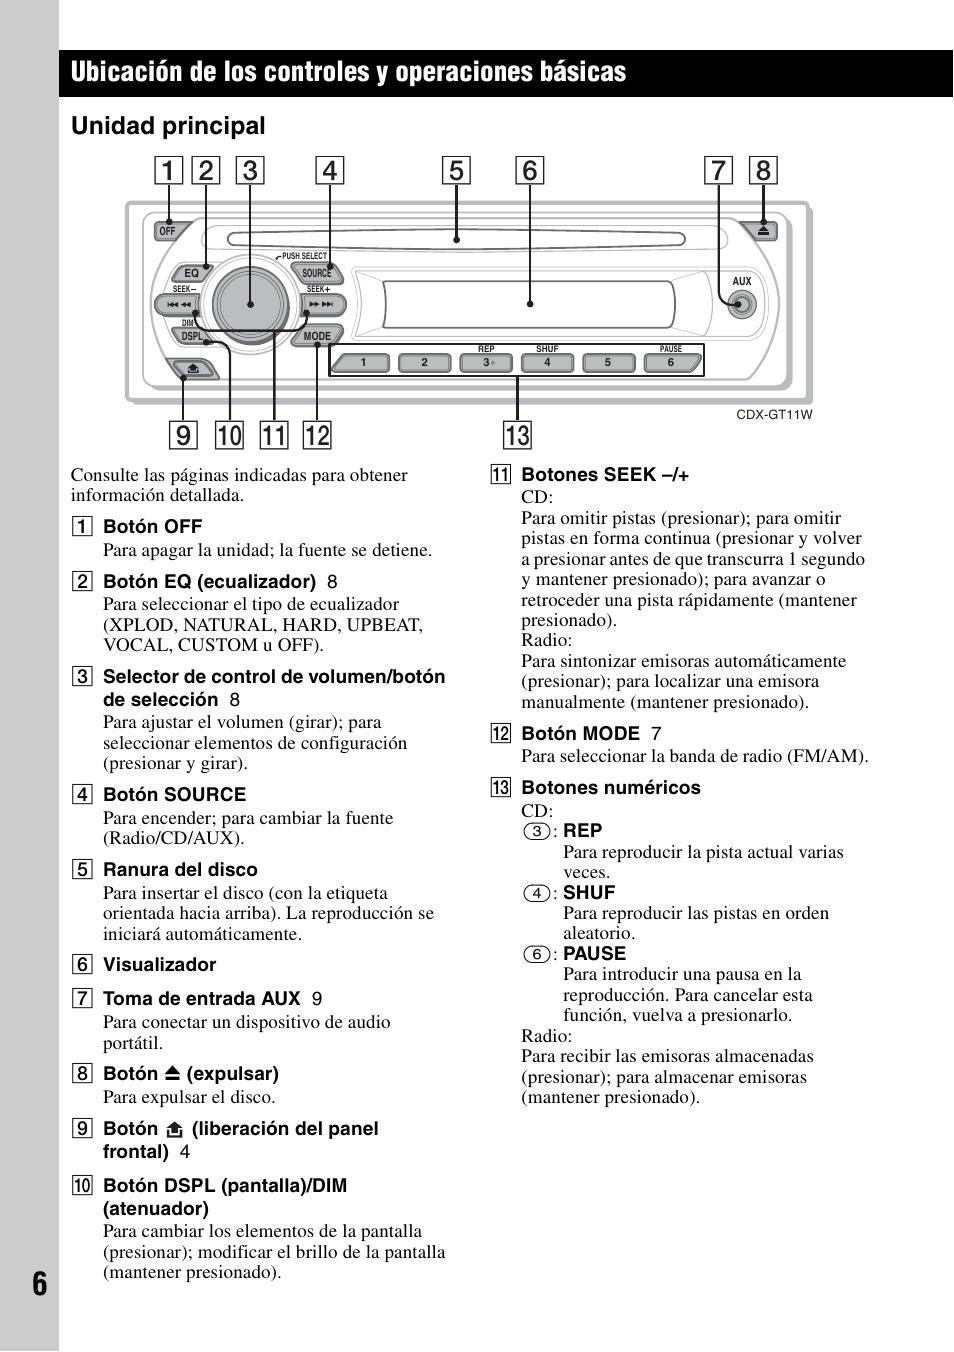 medium resolution of ubicaci n de los controles y operaciones b sicas unidad principal sony car audio wiring diagram sony cdx gt11w wiring diagram